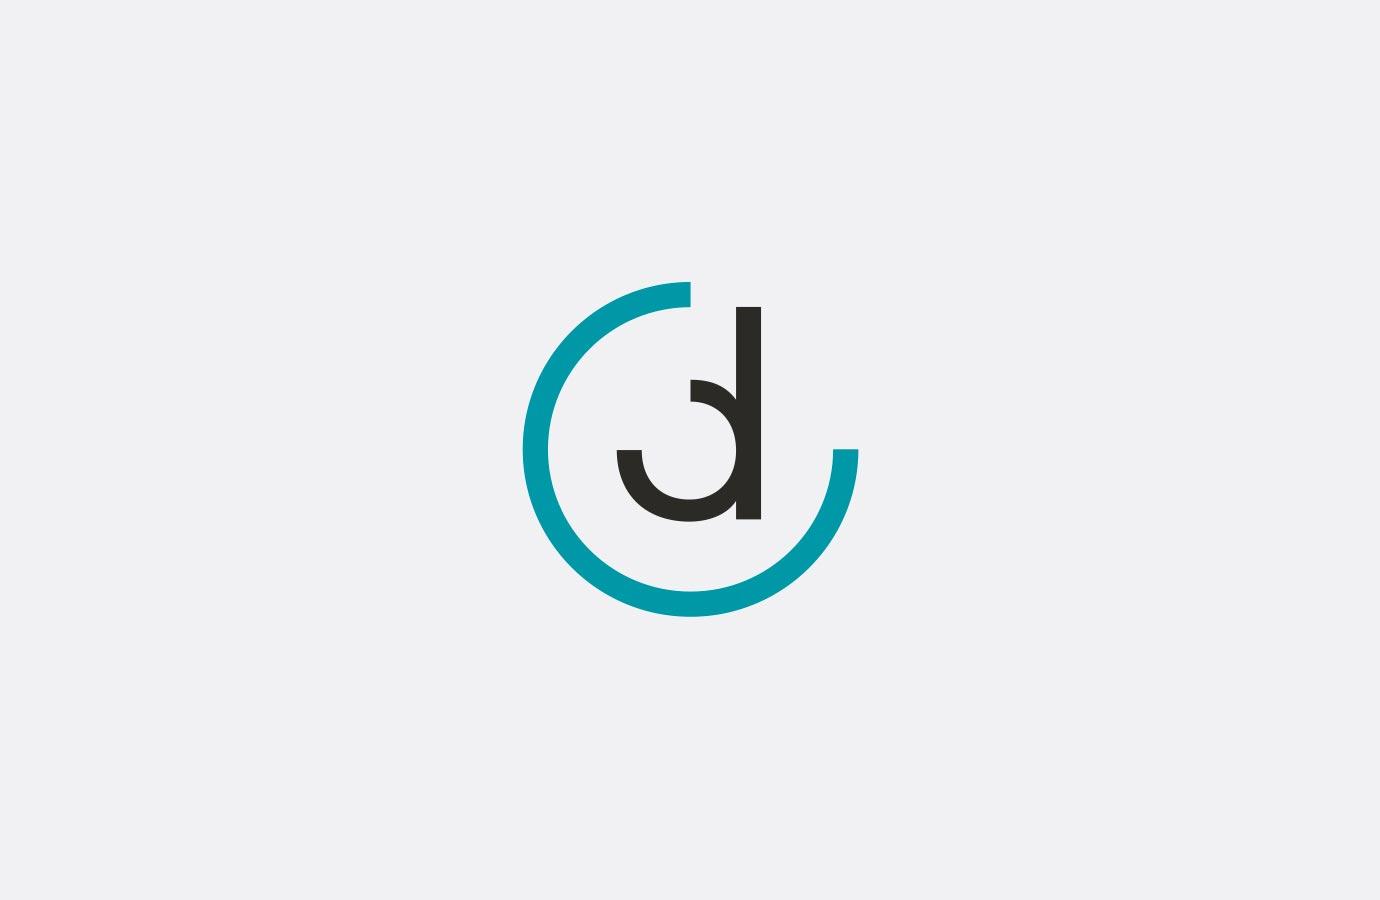 Logo et identité corporative de Dubois services financiers